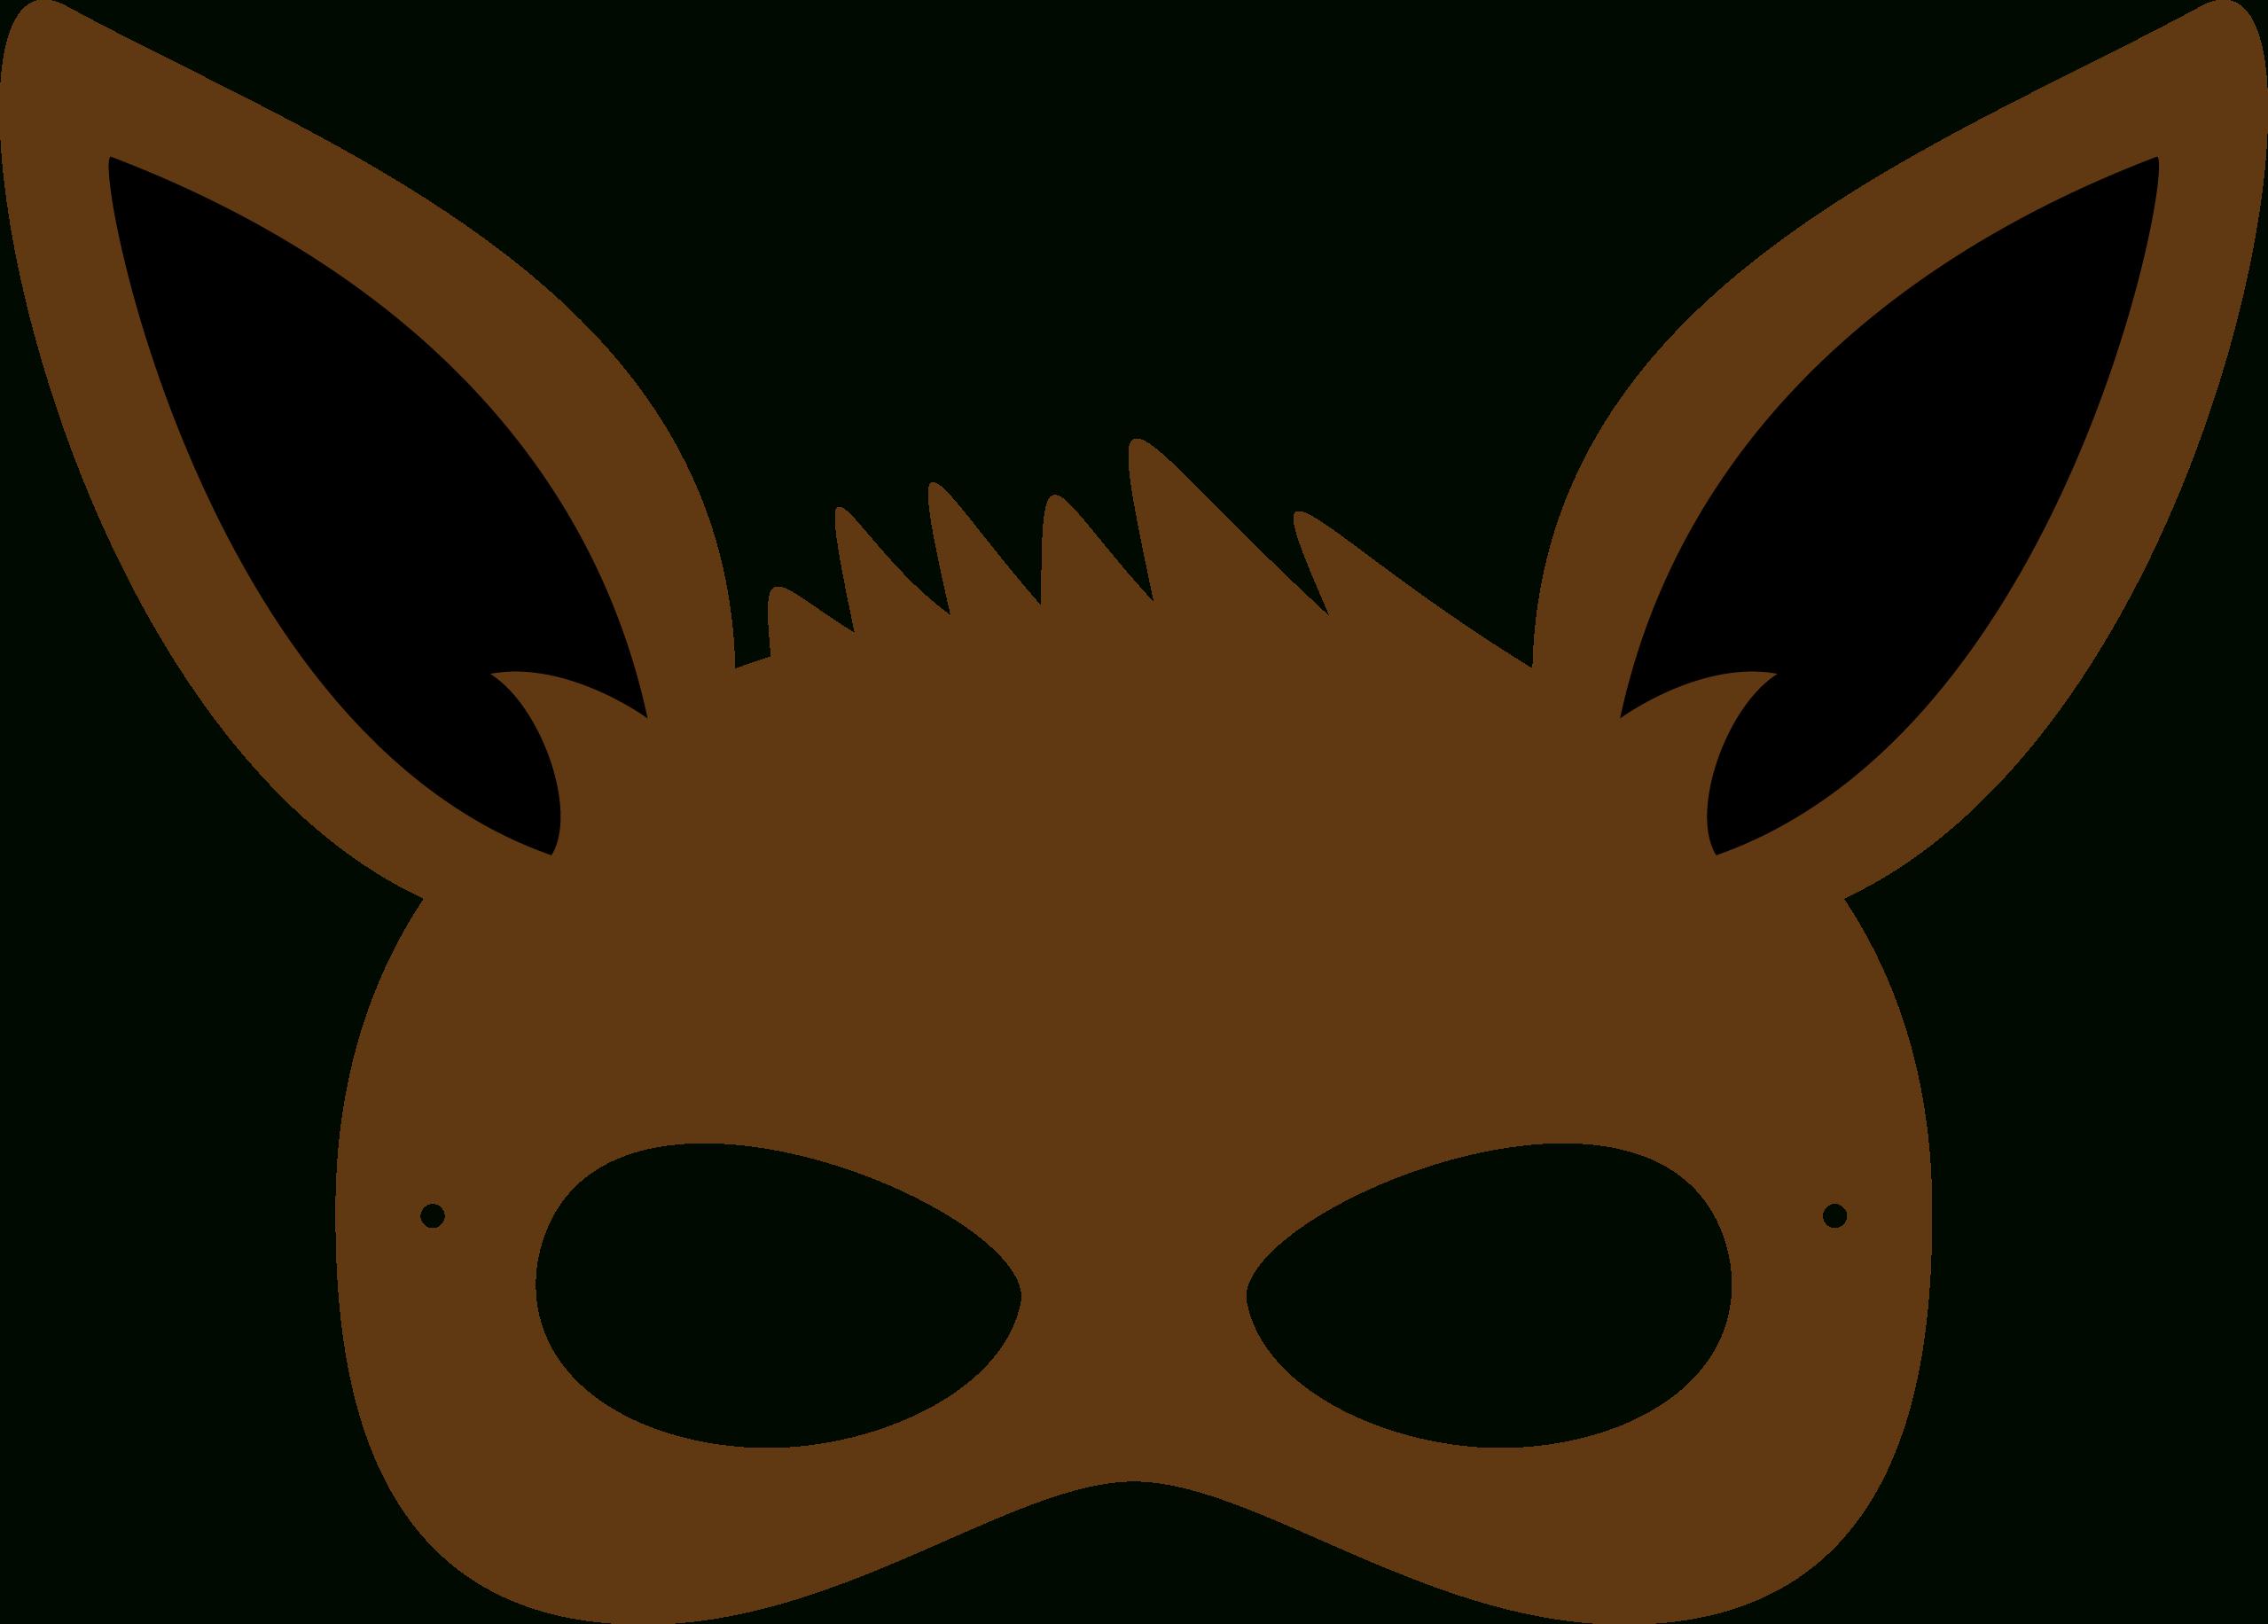 Pincrafty Annabelle On Pokemon Printables | Pokemon Birthday - Free Printable Pokemon Masks